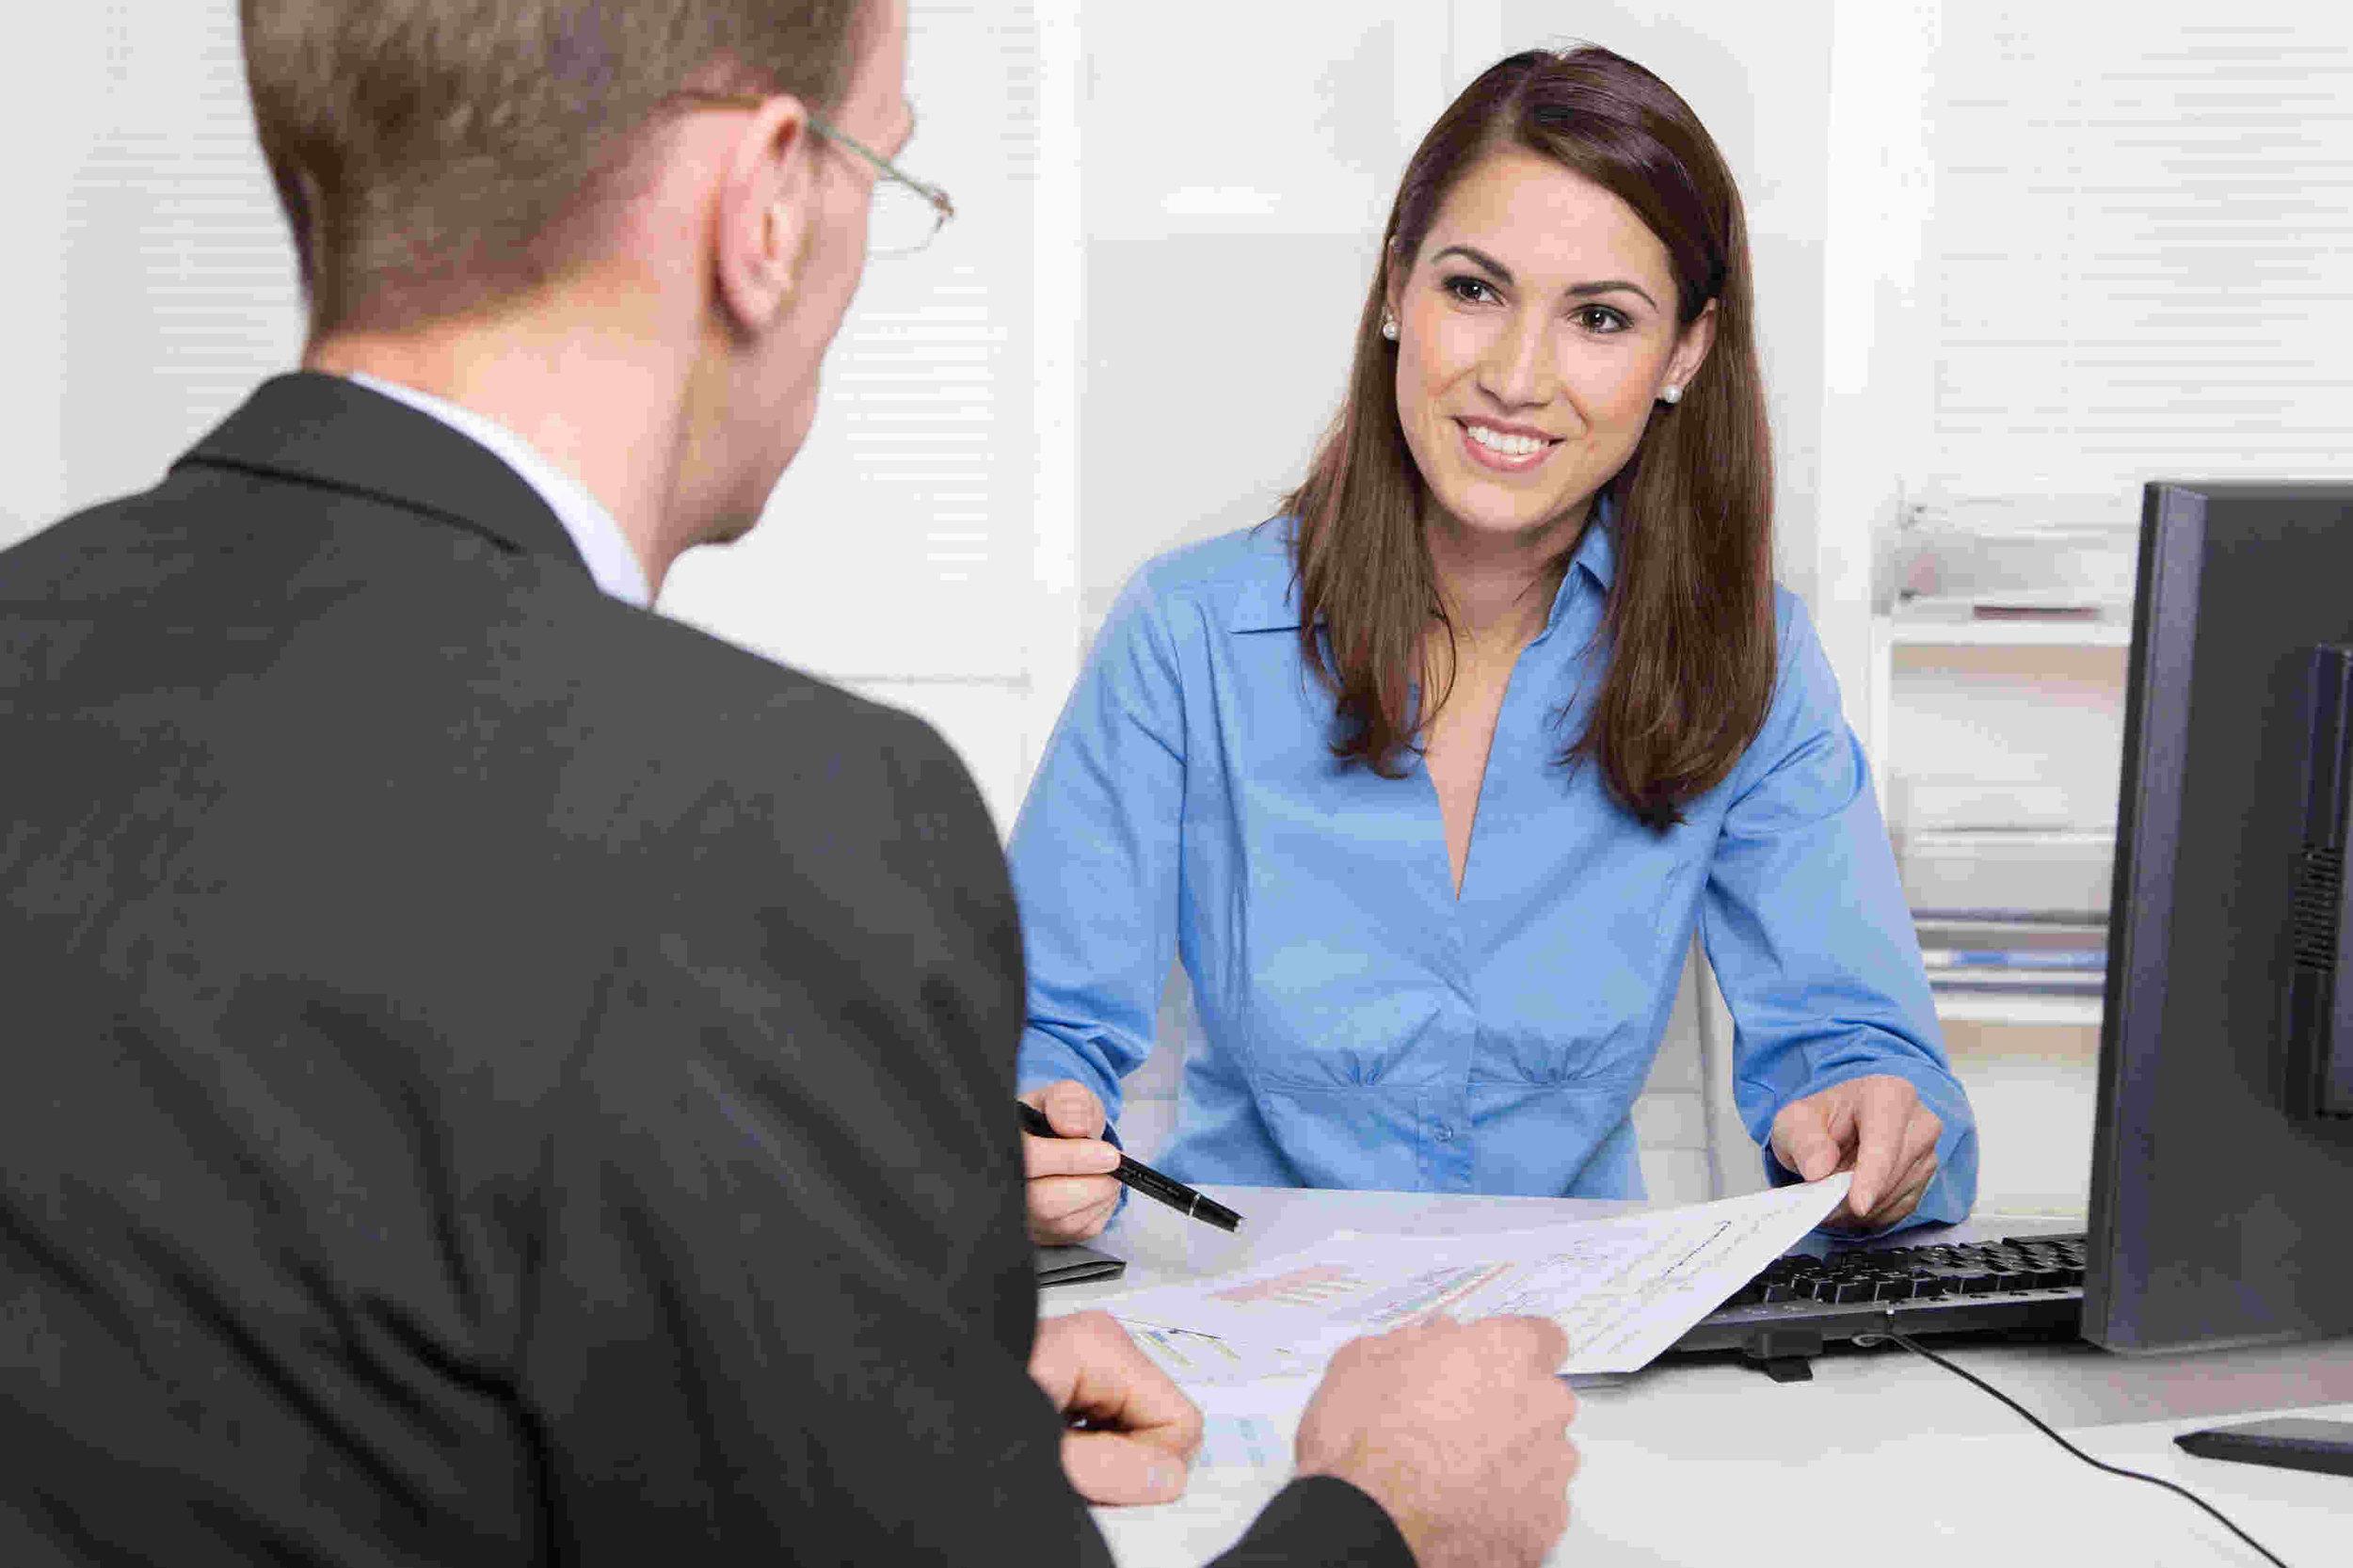 TILA RESPA Integrated Disclosures